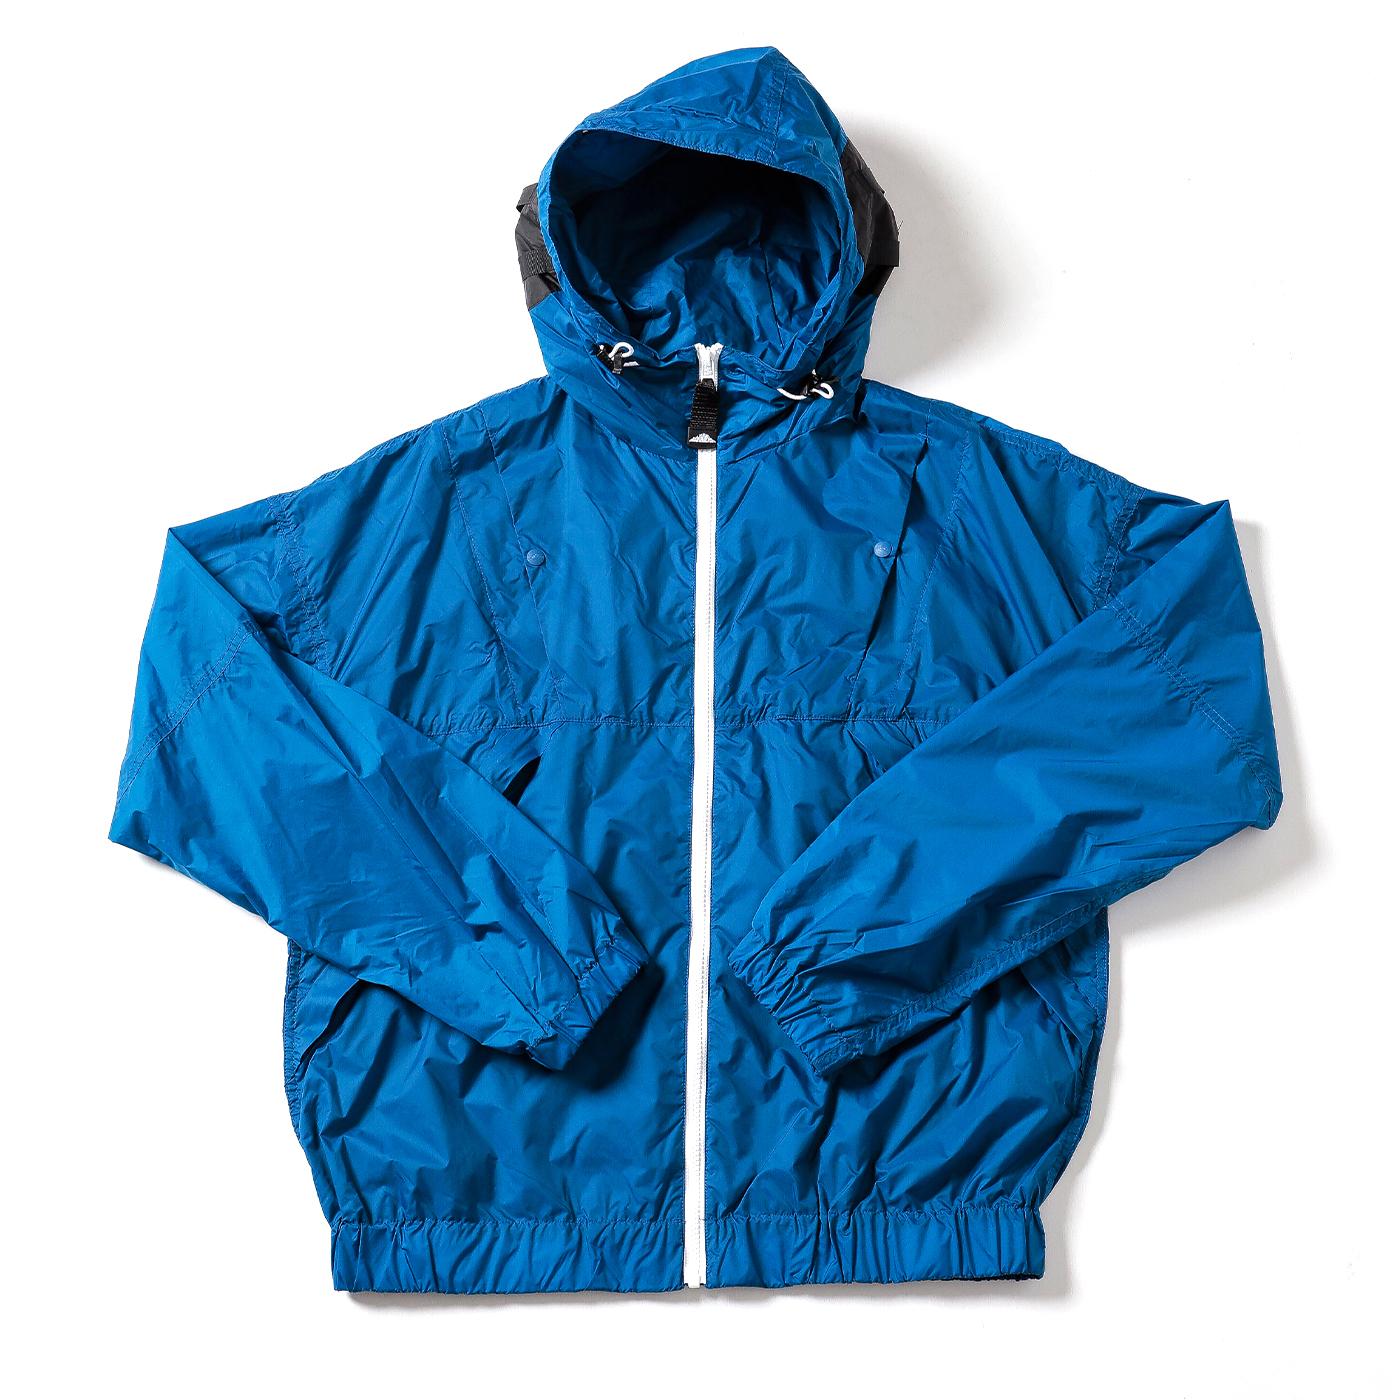 product: Glenwood Light / color: BLUE 1